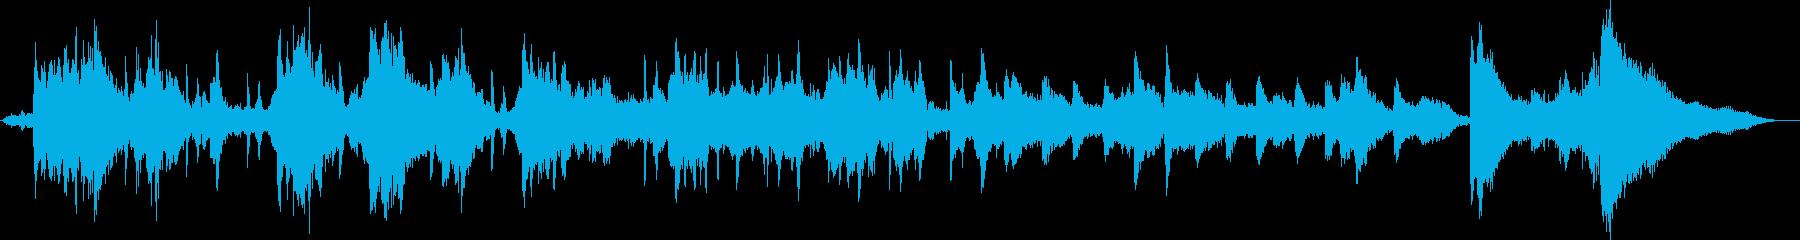 恐怖を煽るホラー楽曲の再生済みの波形